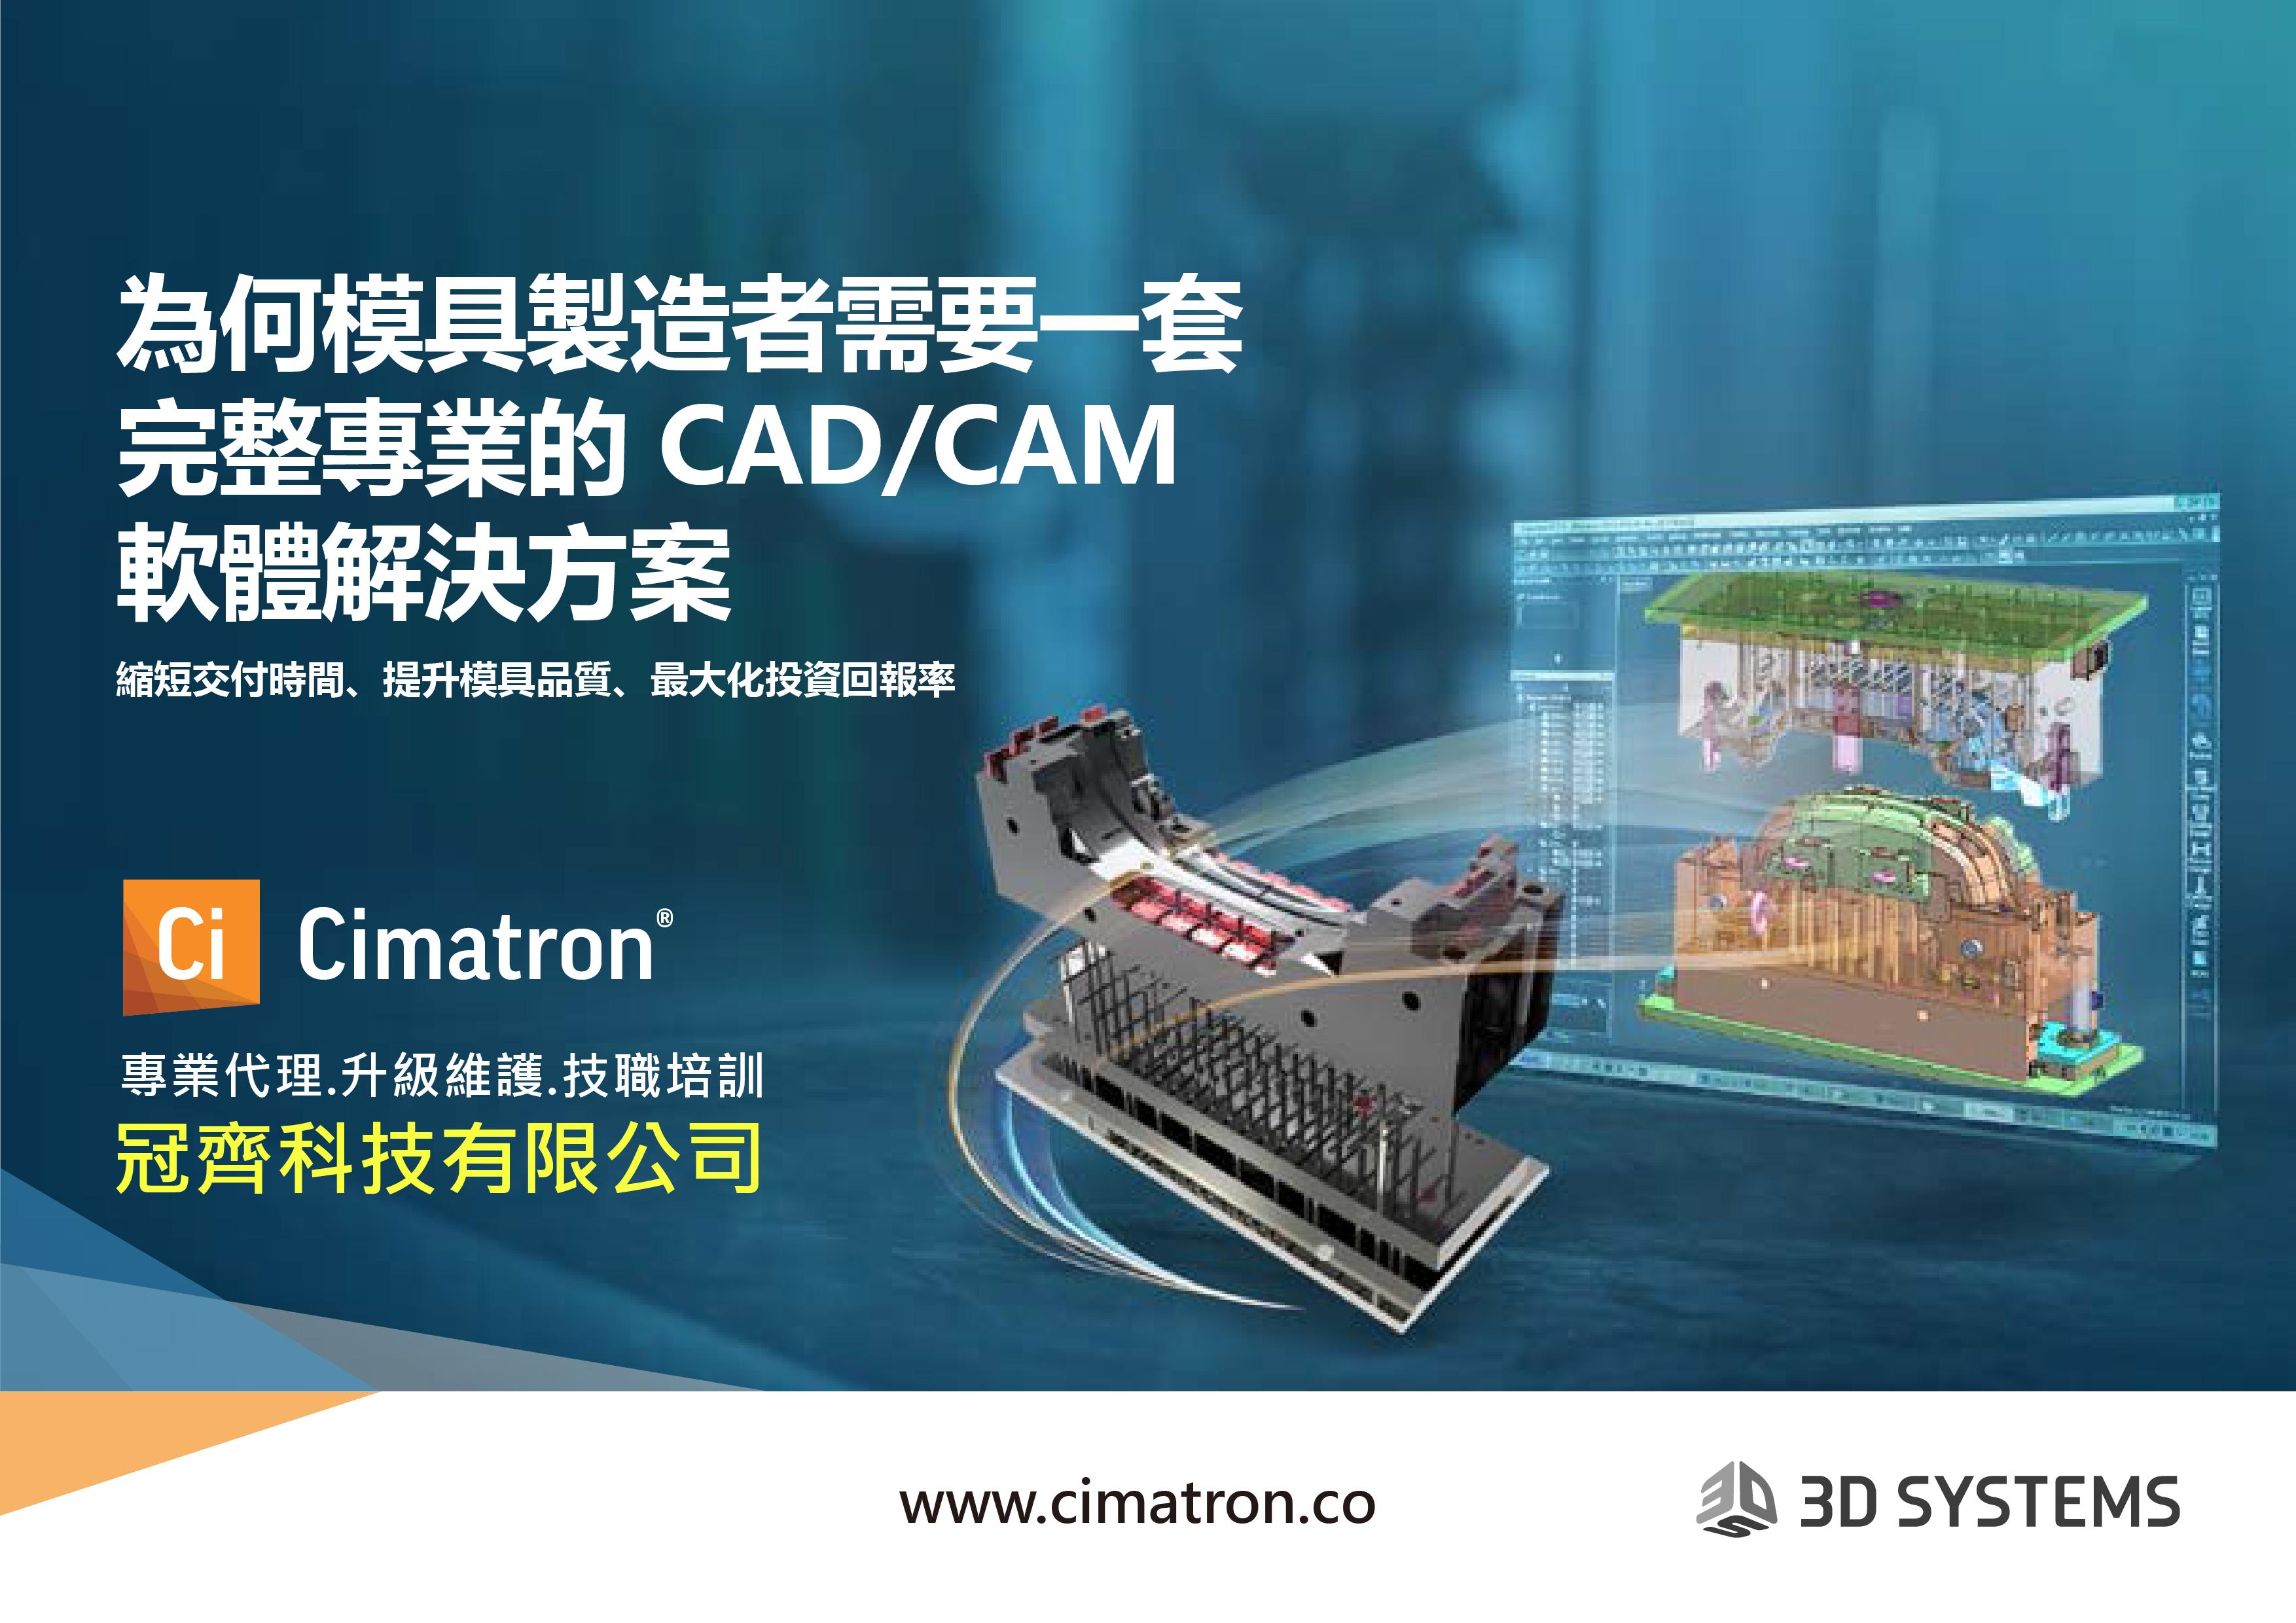 為何模具製造者需要一套完整專業的 CAD/CAM軟體